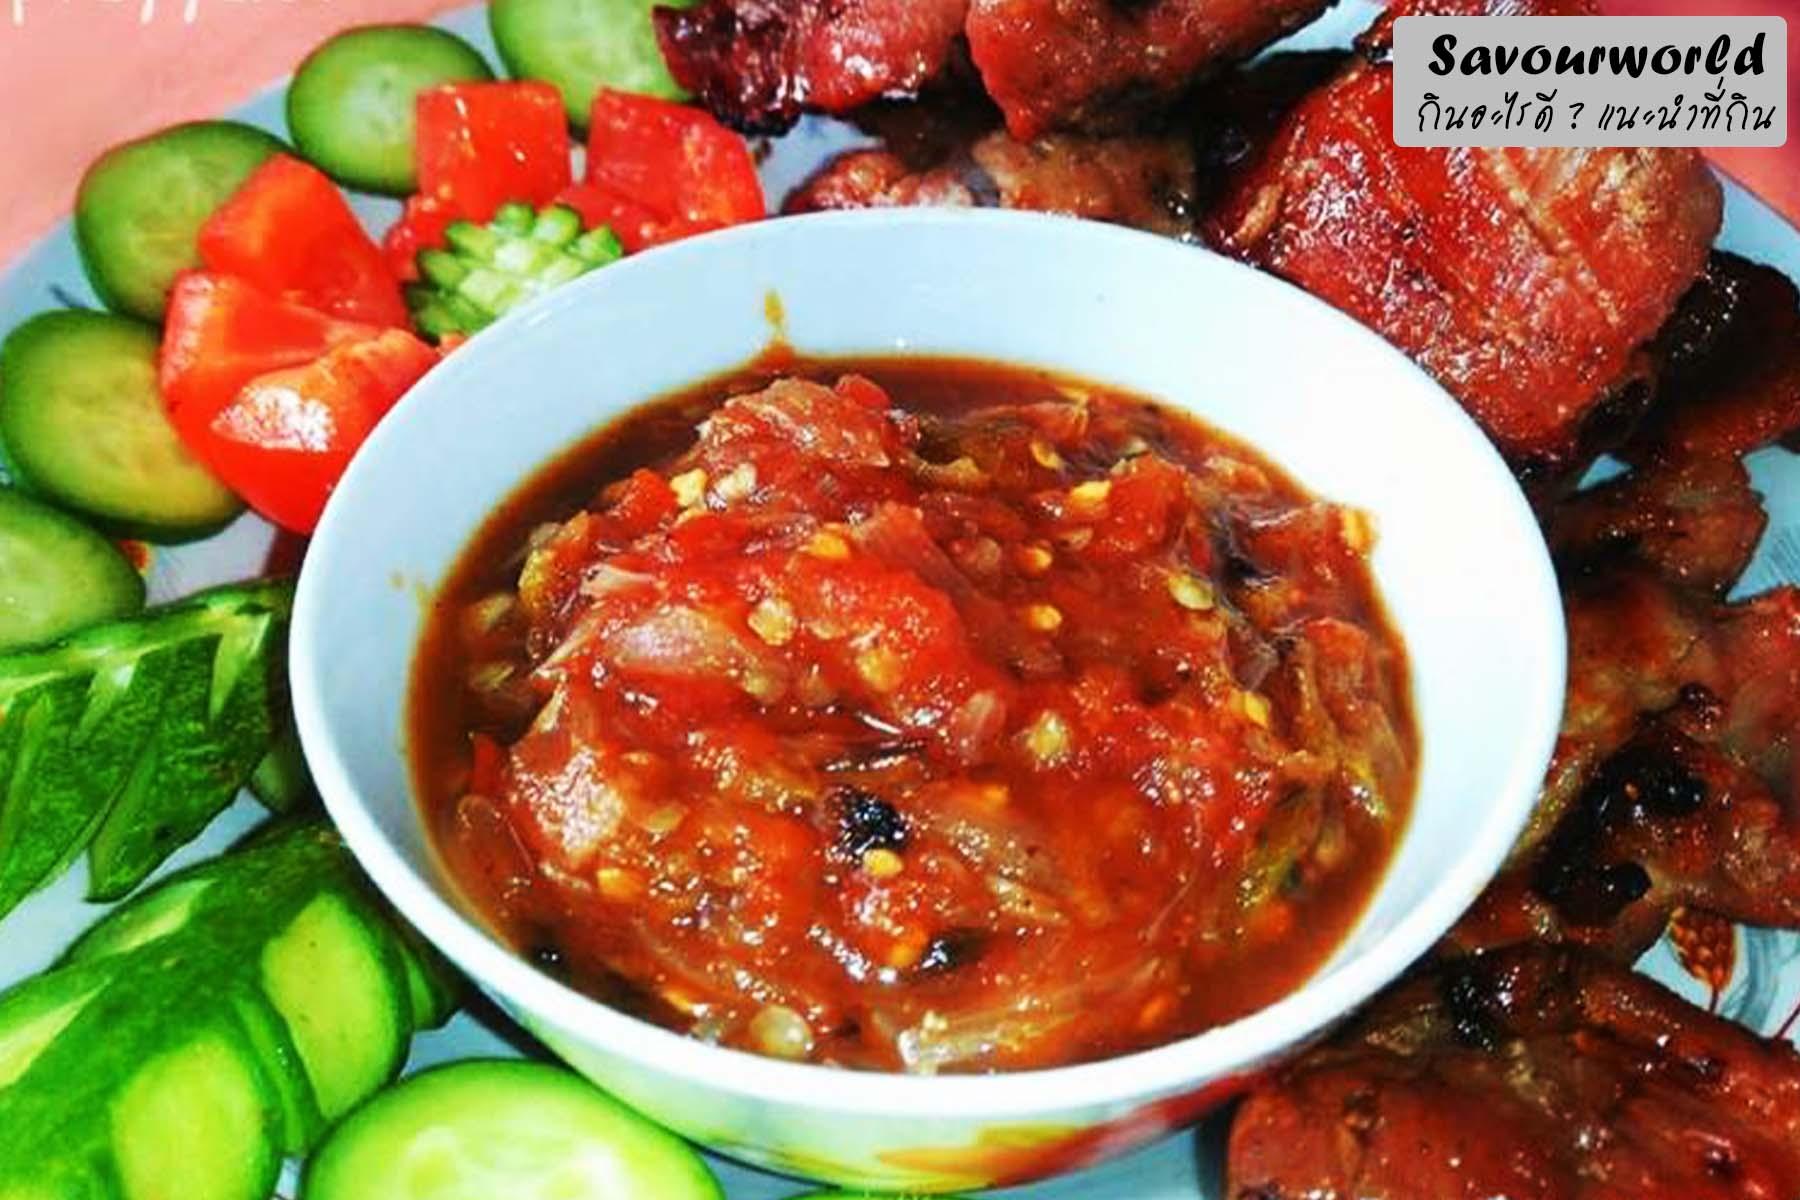 เมนูผัดน้ำพริก เปลี่ยนน้ำพริกเหลือค้างเป็นเมนูสุดแซ่บที่ทานแล้วต้องร้องซี๊ด - savourworld.com